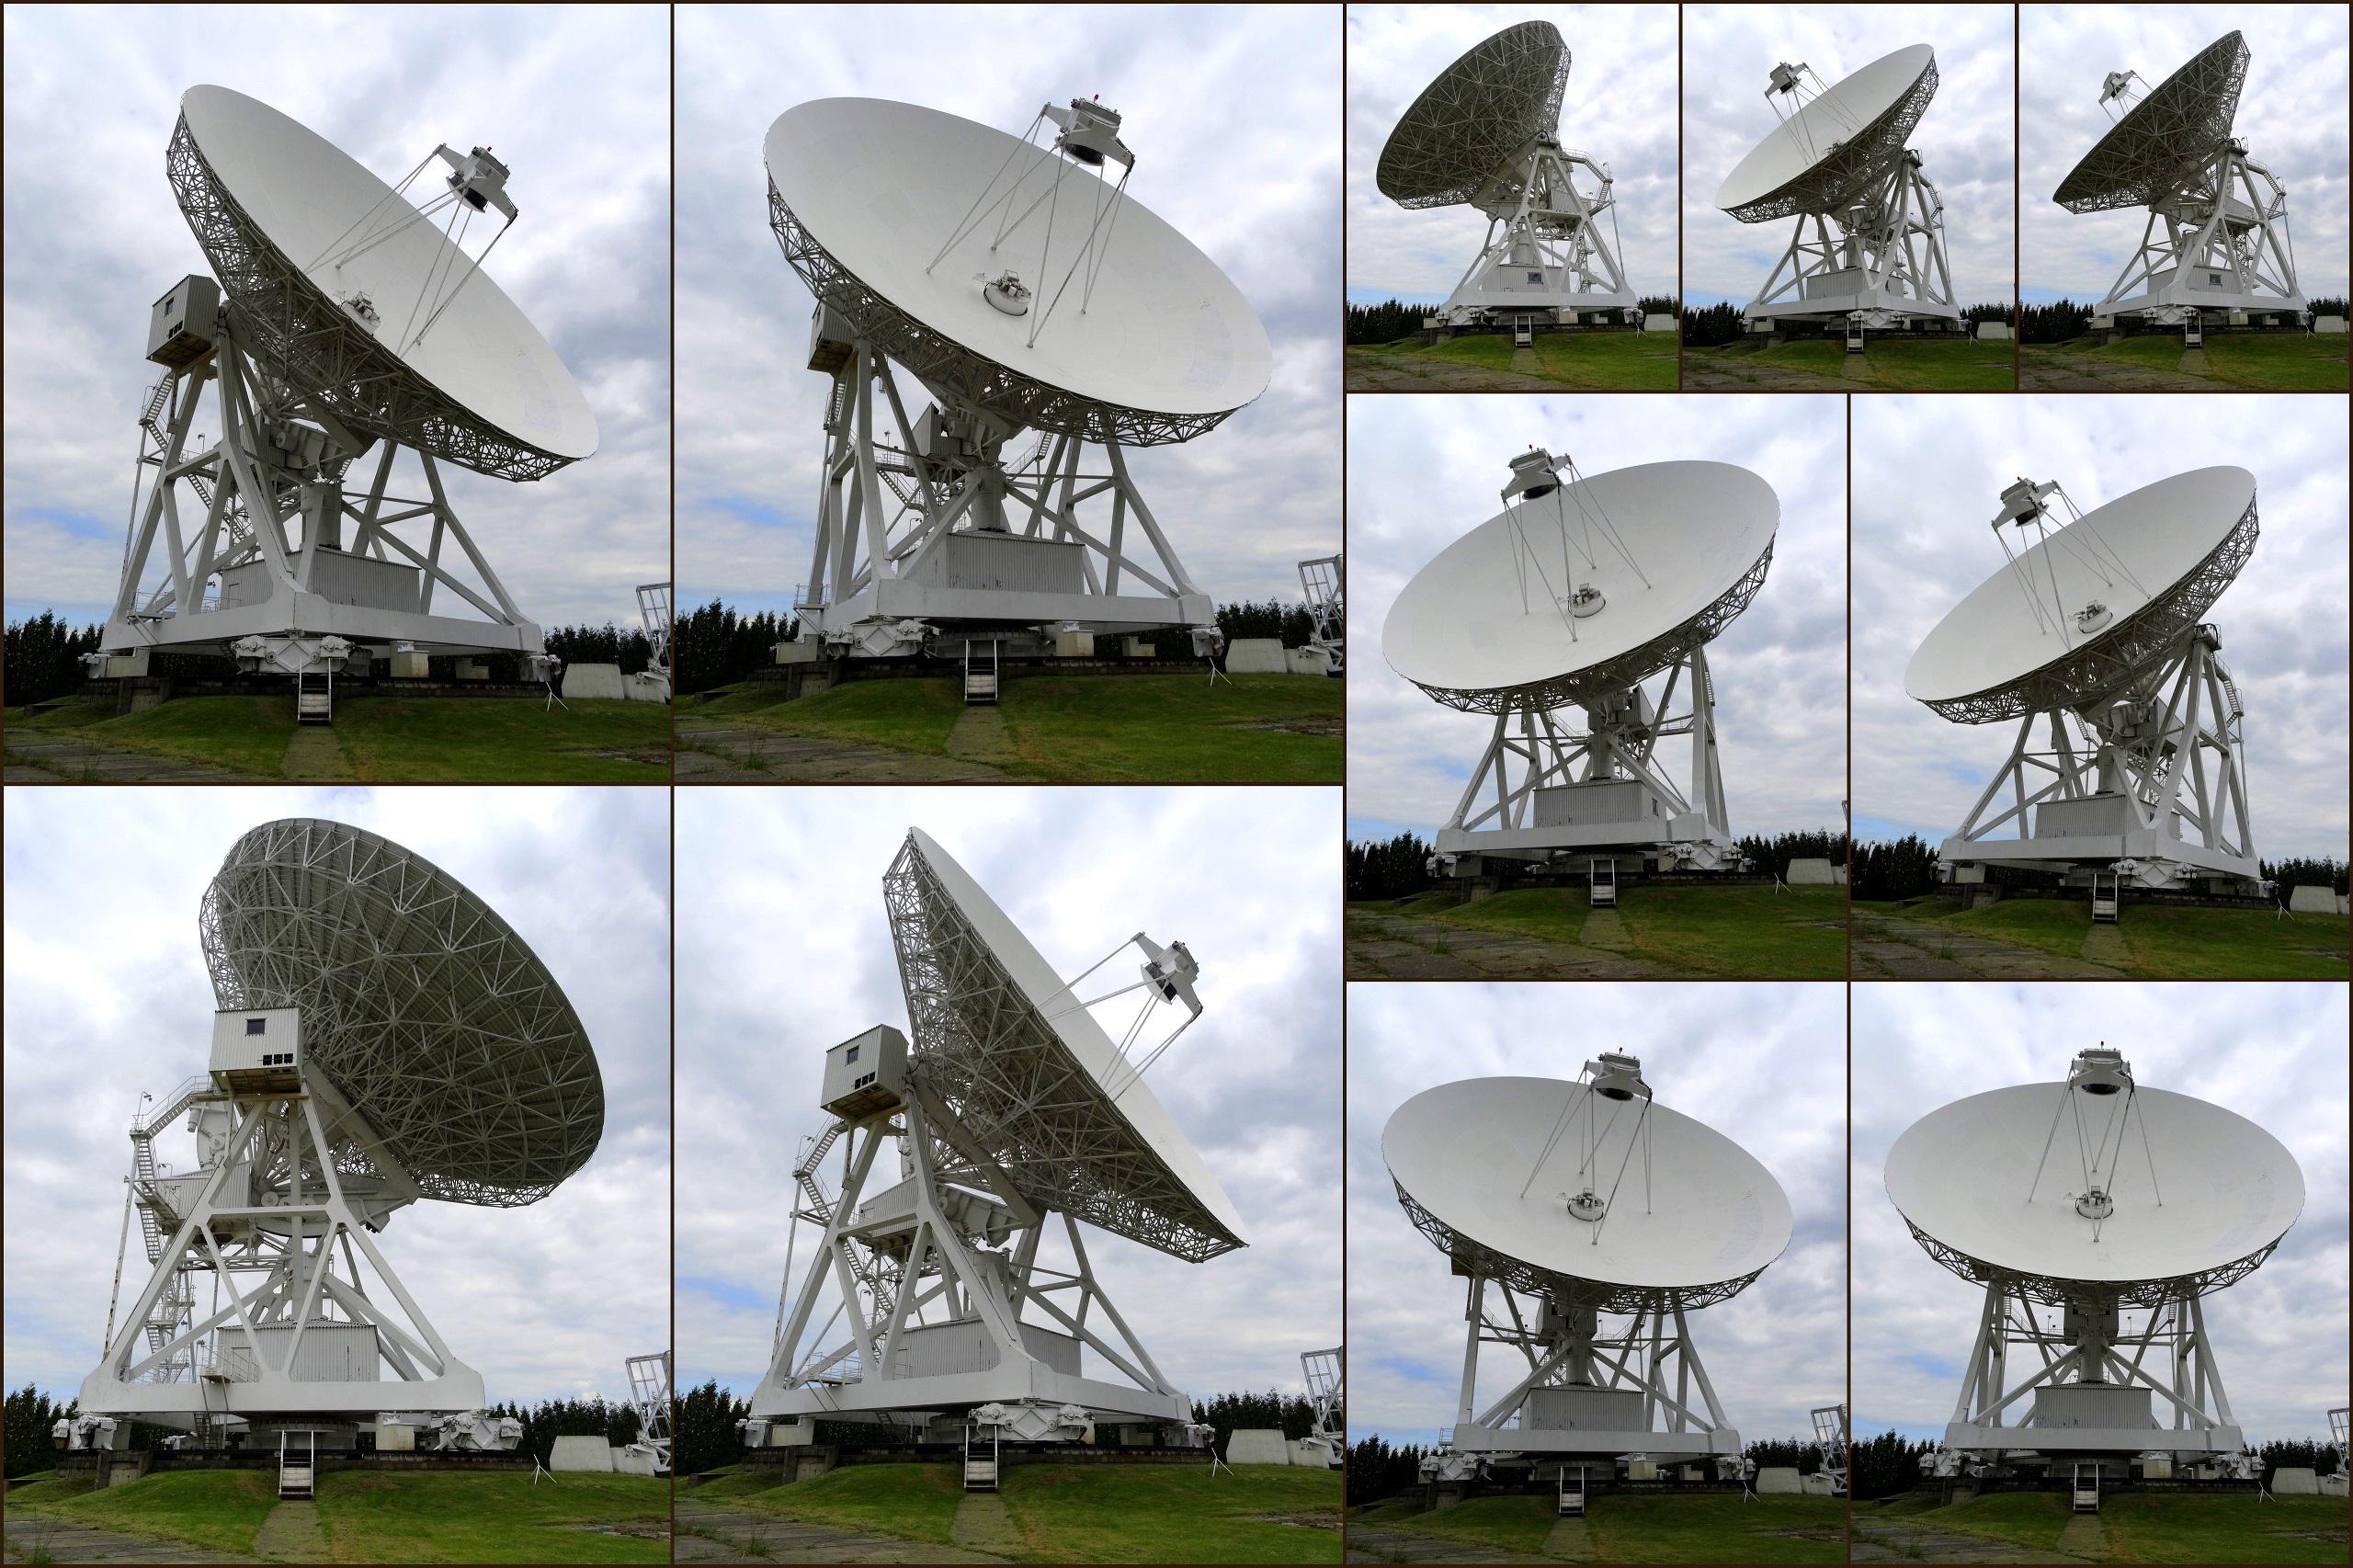 Obserwatorium Astronomiczne UMK - radioteleskop w ruchu